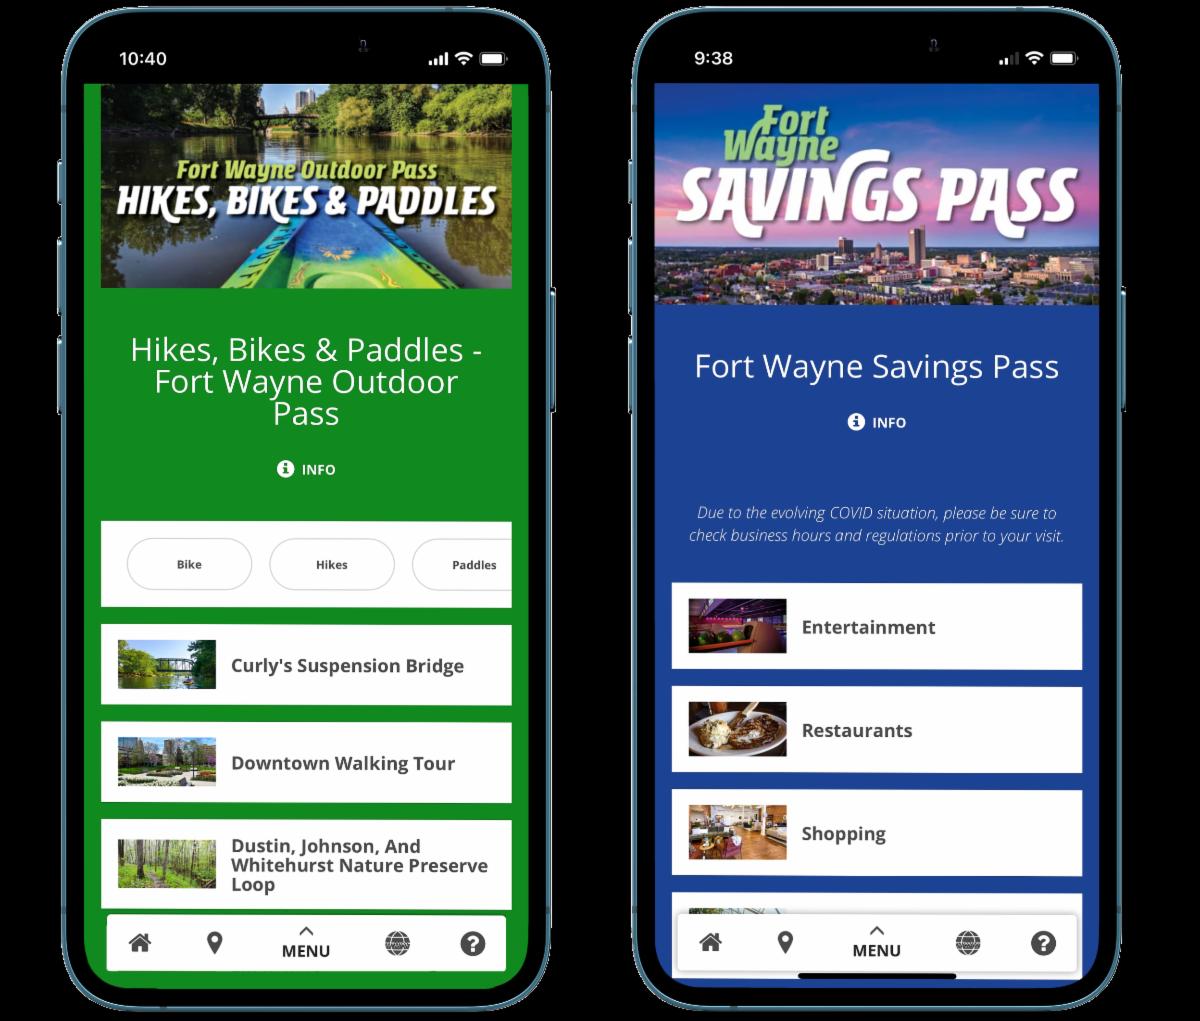 Outdoor Pass and Savings Pass